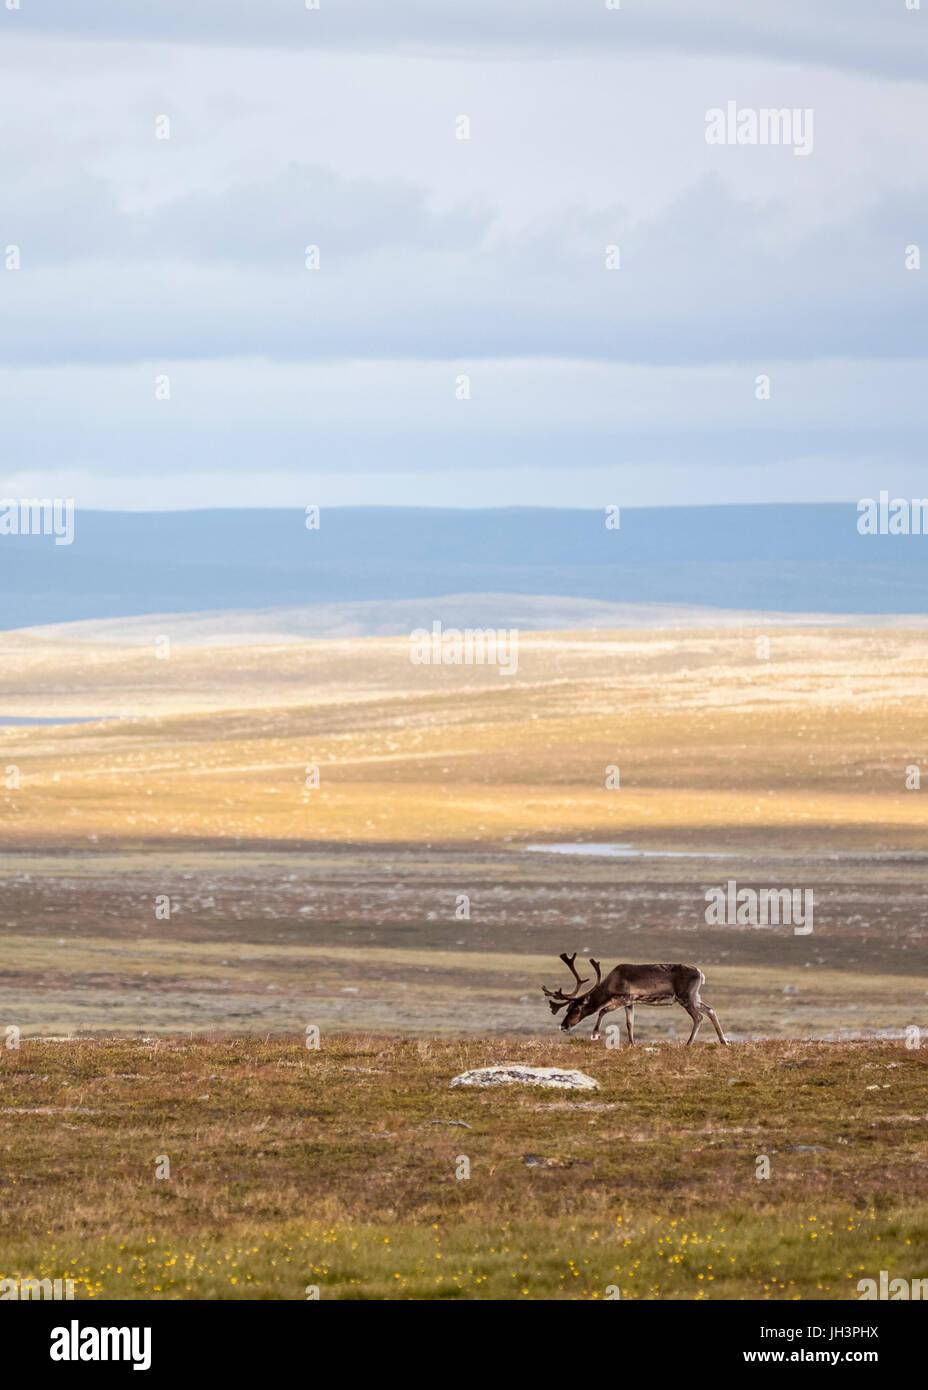 Reindeer grazing in Lapland - Stock Image